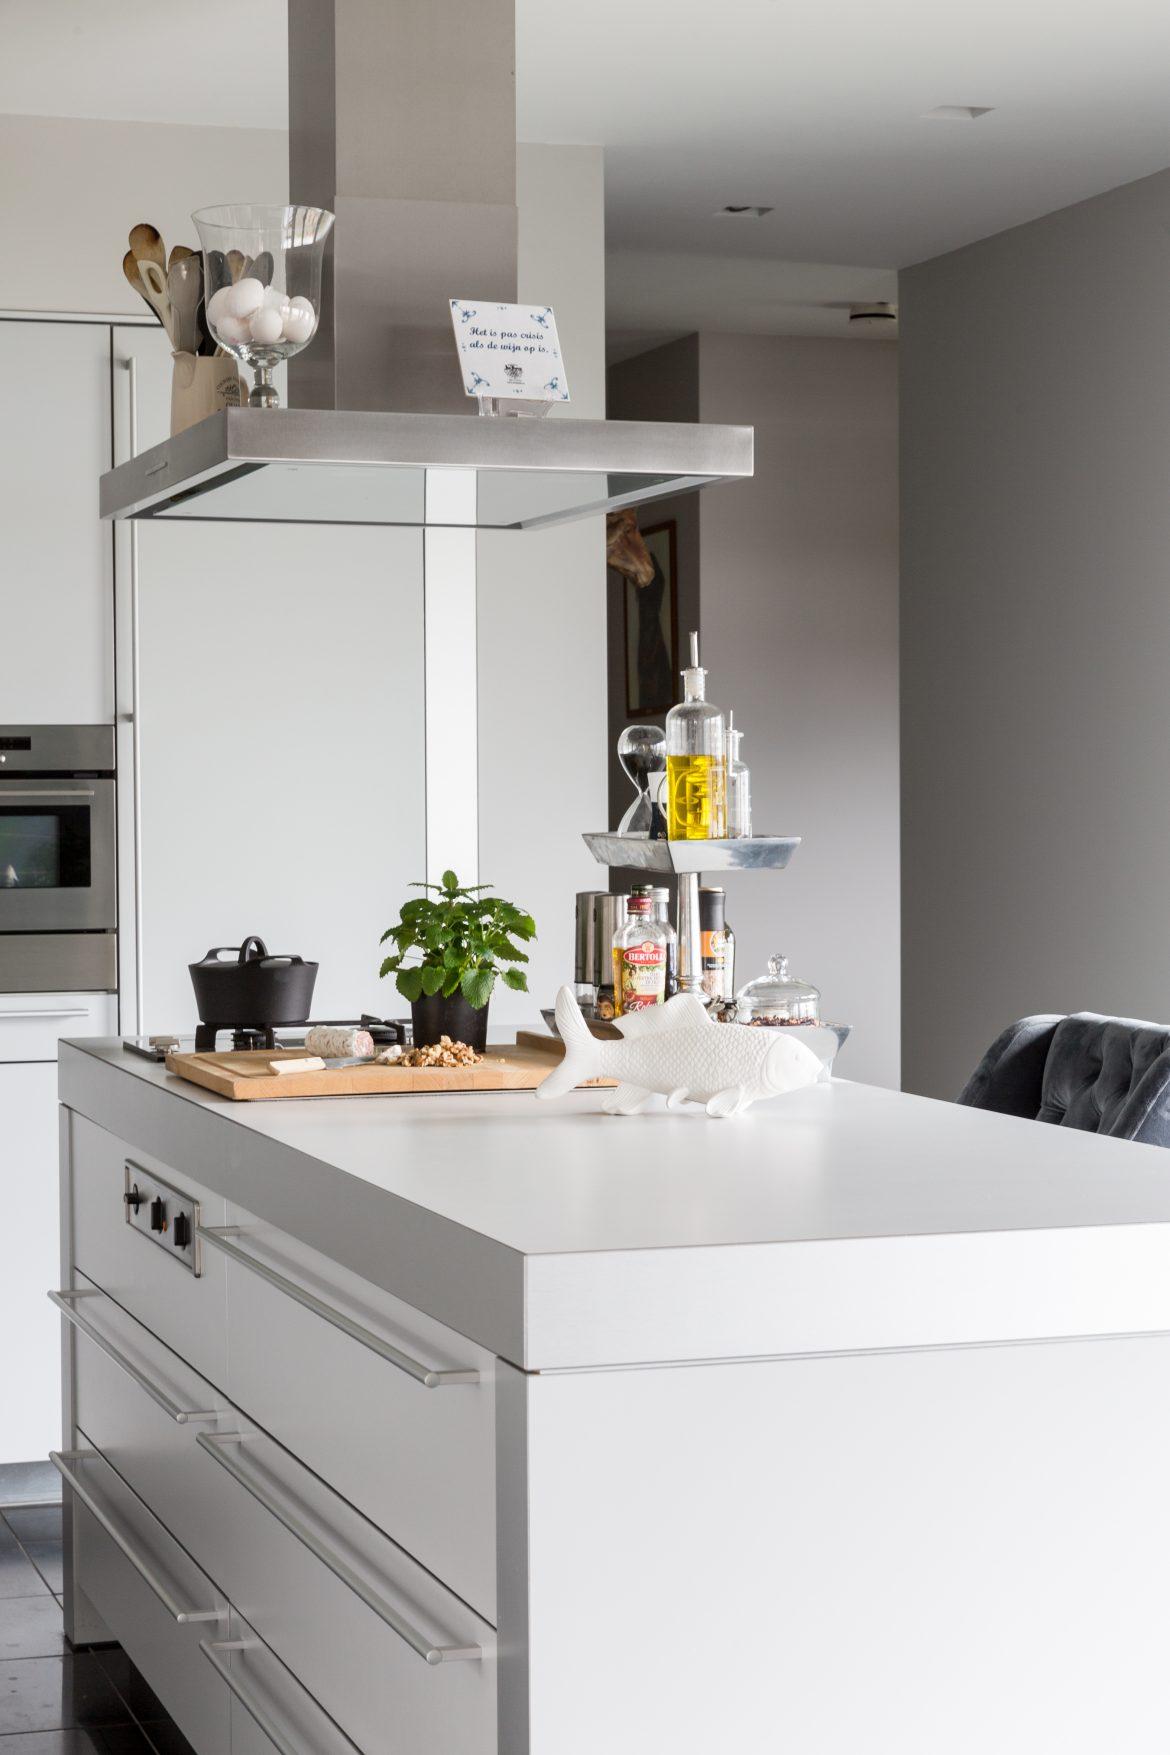 De keuken in het huis van familie Buijze aan de Borgmeren.